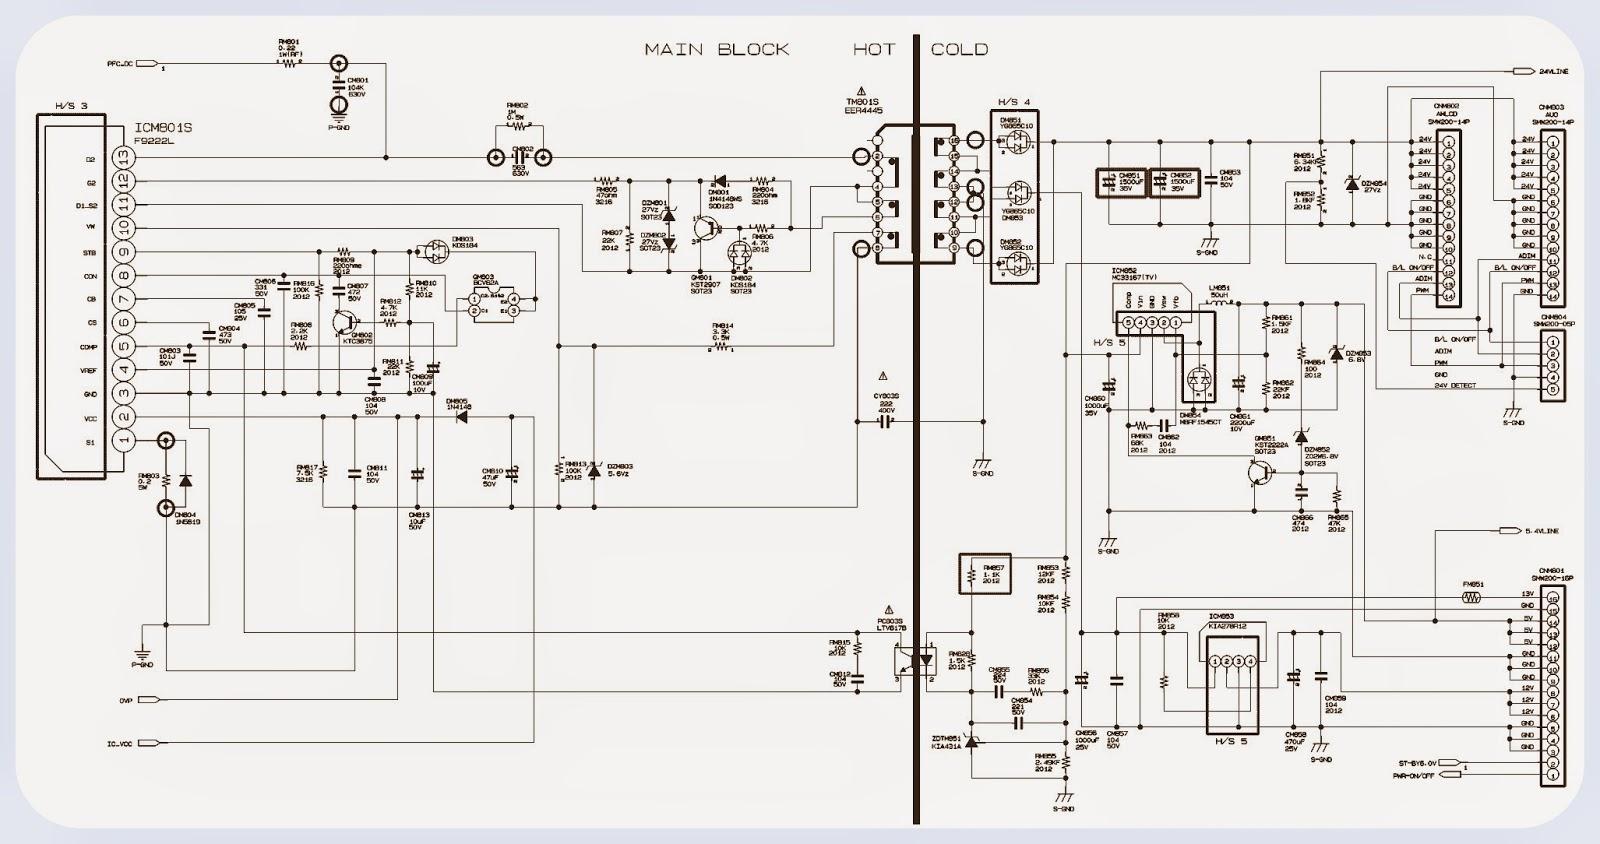 BN7997  INVERTER  SAMSUNG LCD TV  SCHEMATIC | Electro help